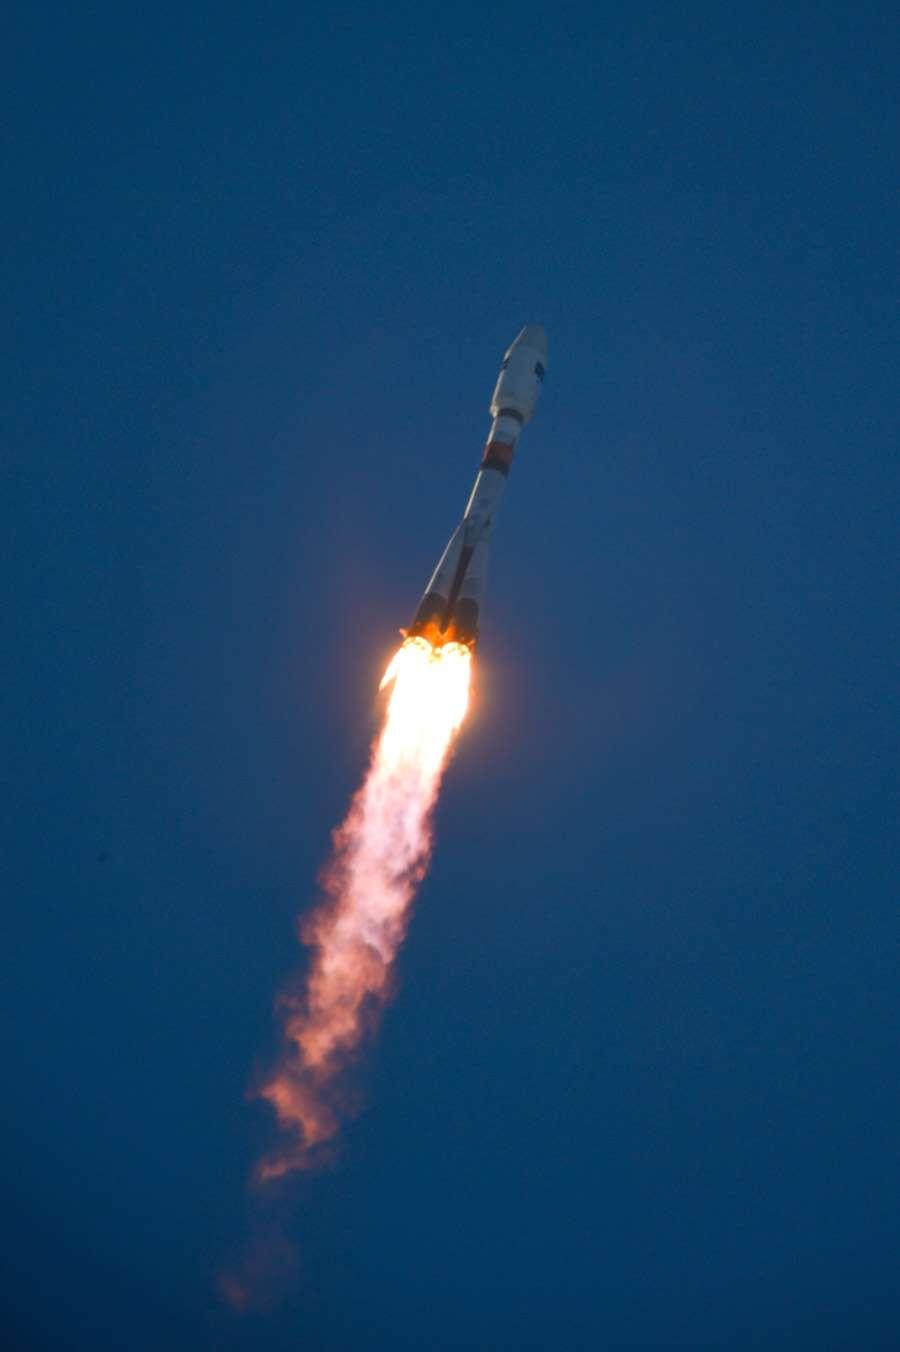 Décollage du lanceur Soyouz avec à son bord le satellite Sentinel 1A du programme Copernicus. © Esa, S. Corvaja